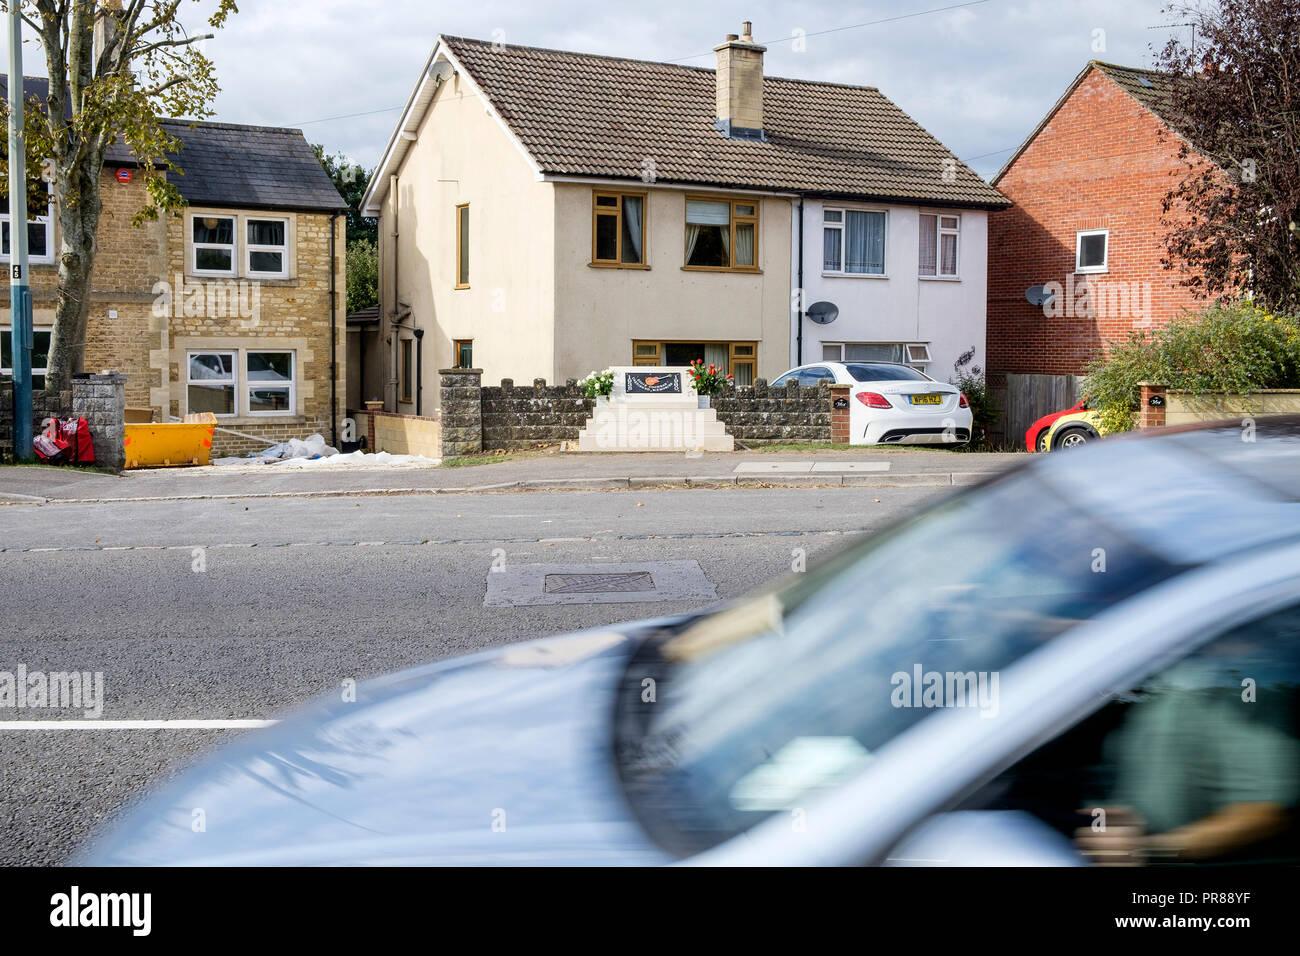 Car Crash 1960 Stock Photos & Car Crash 1960 Stock Images - Alamy